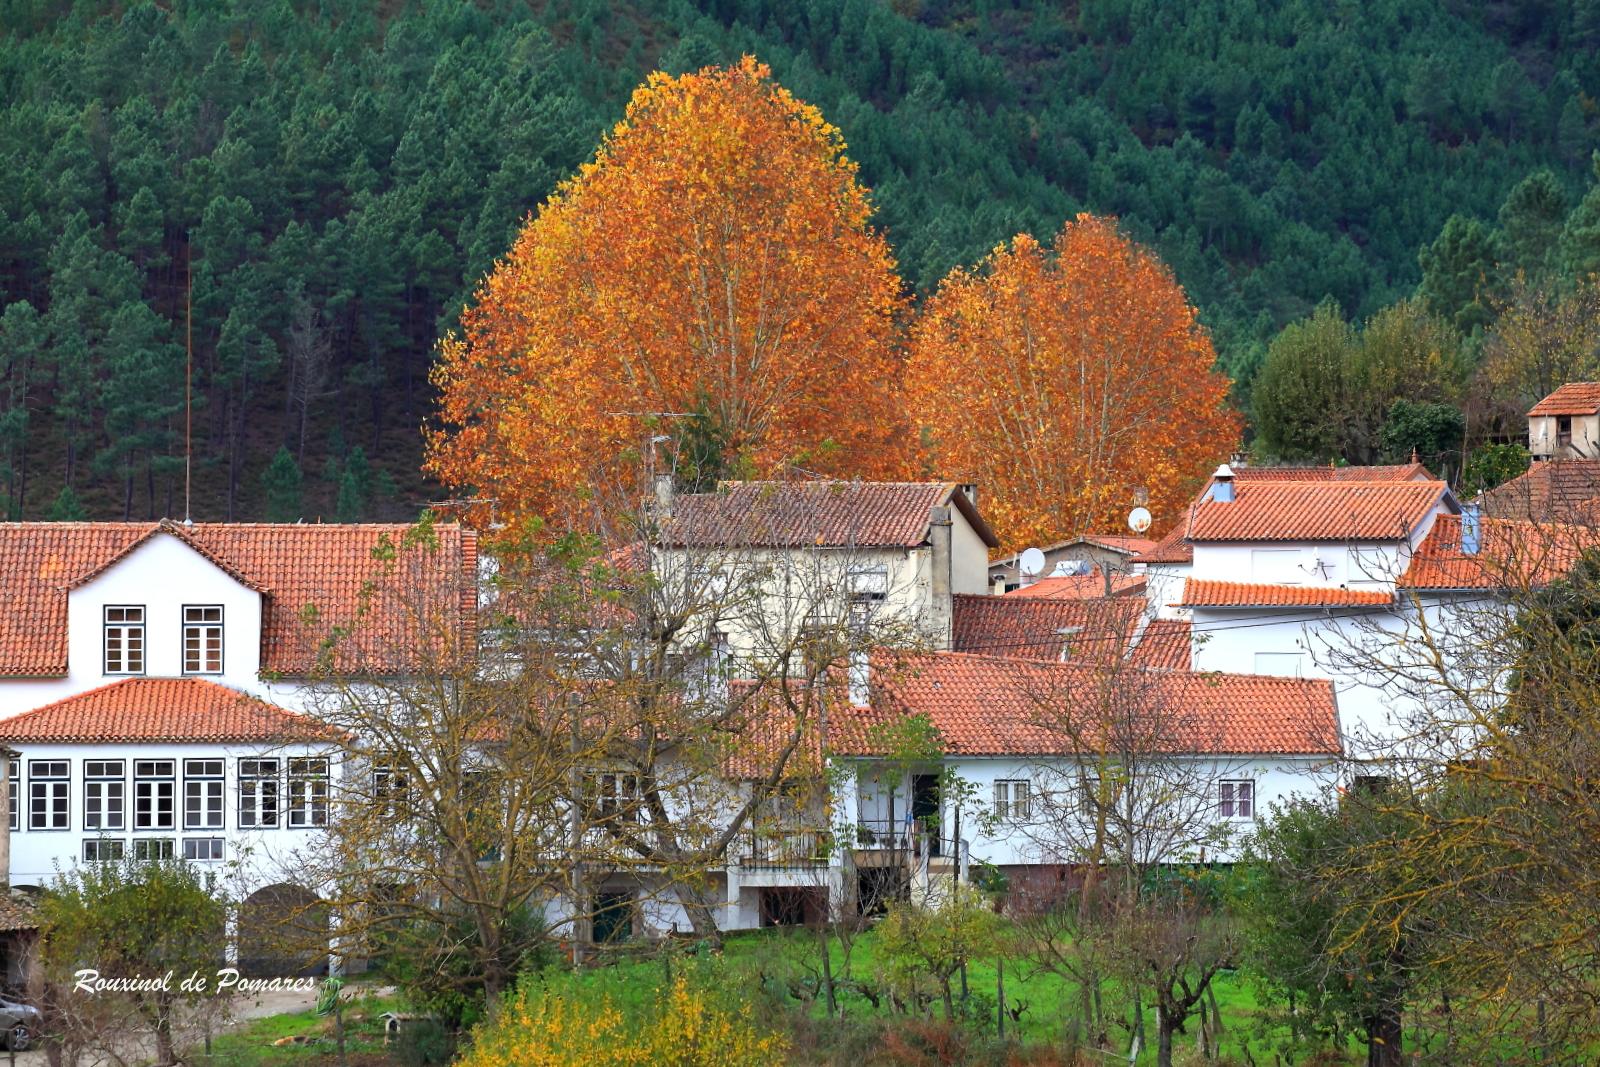 Outono em Pomares IV (1)